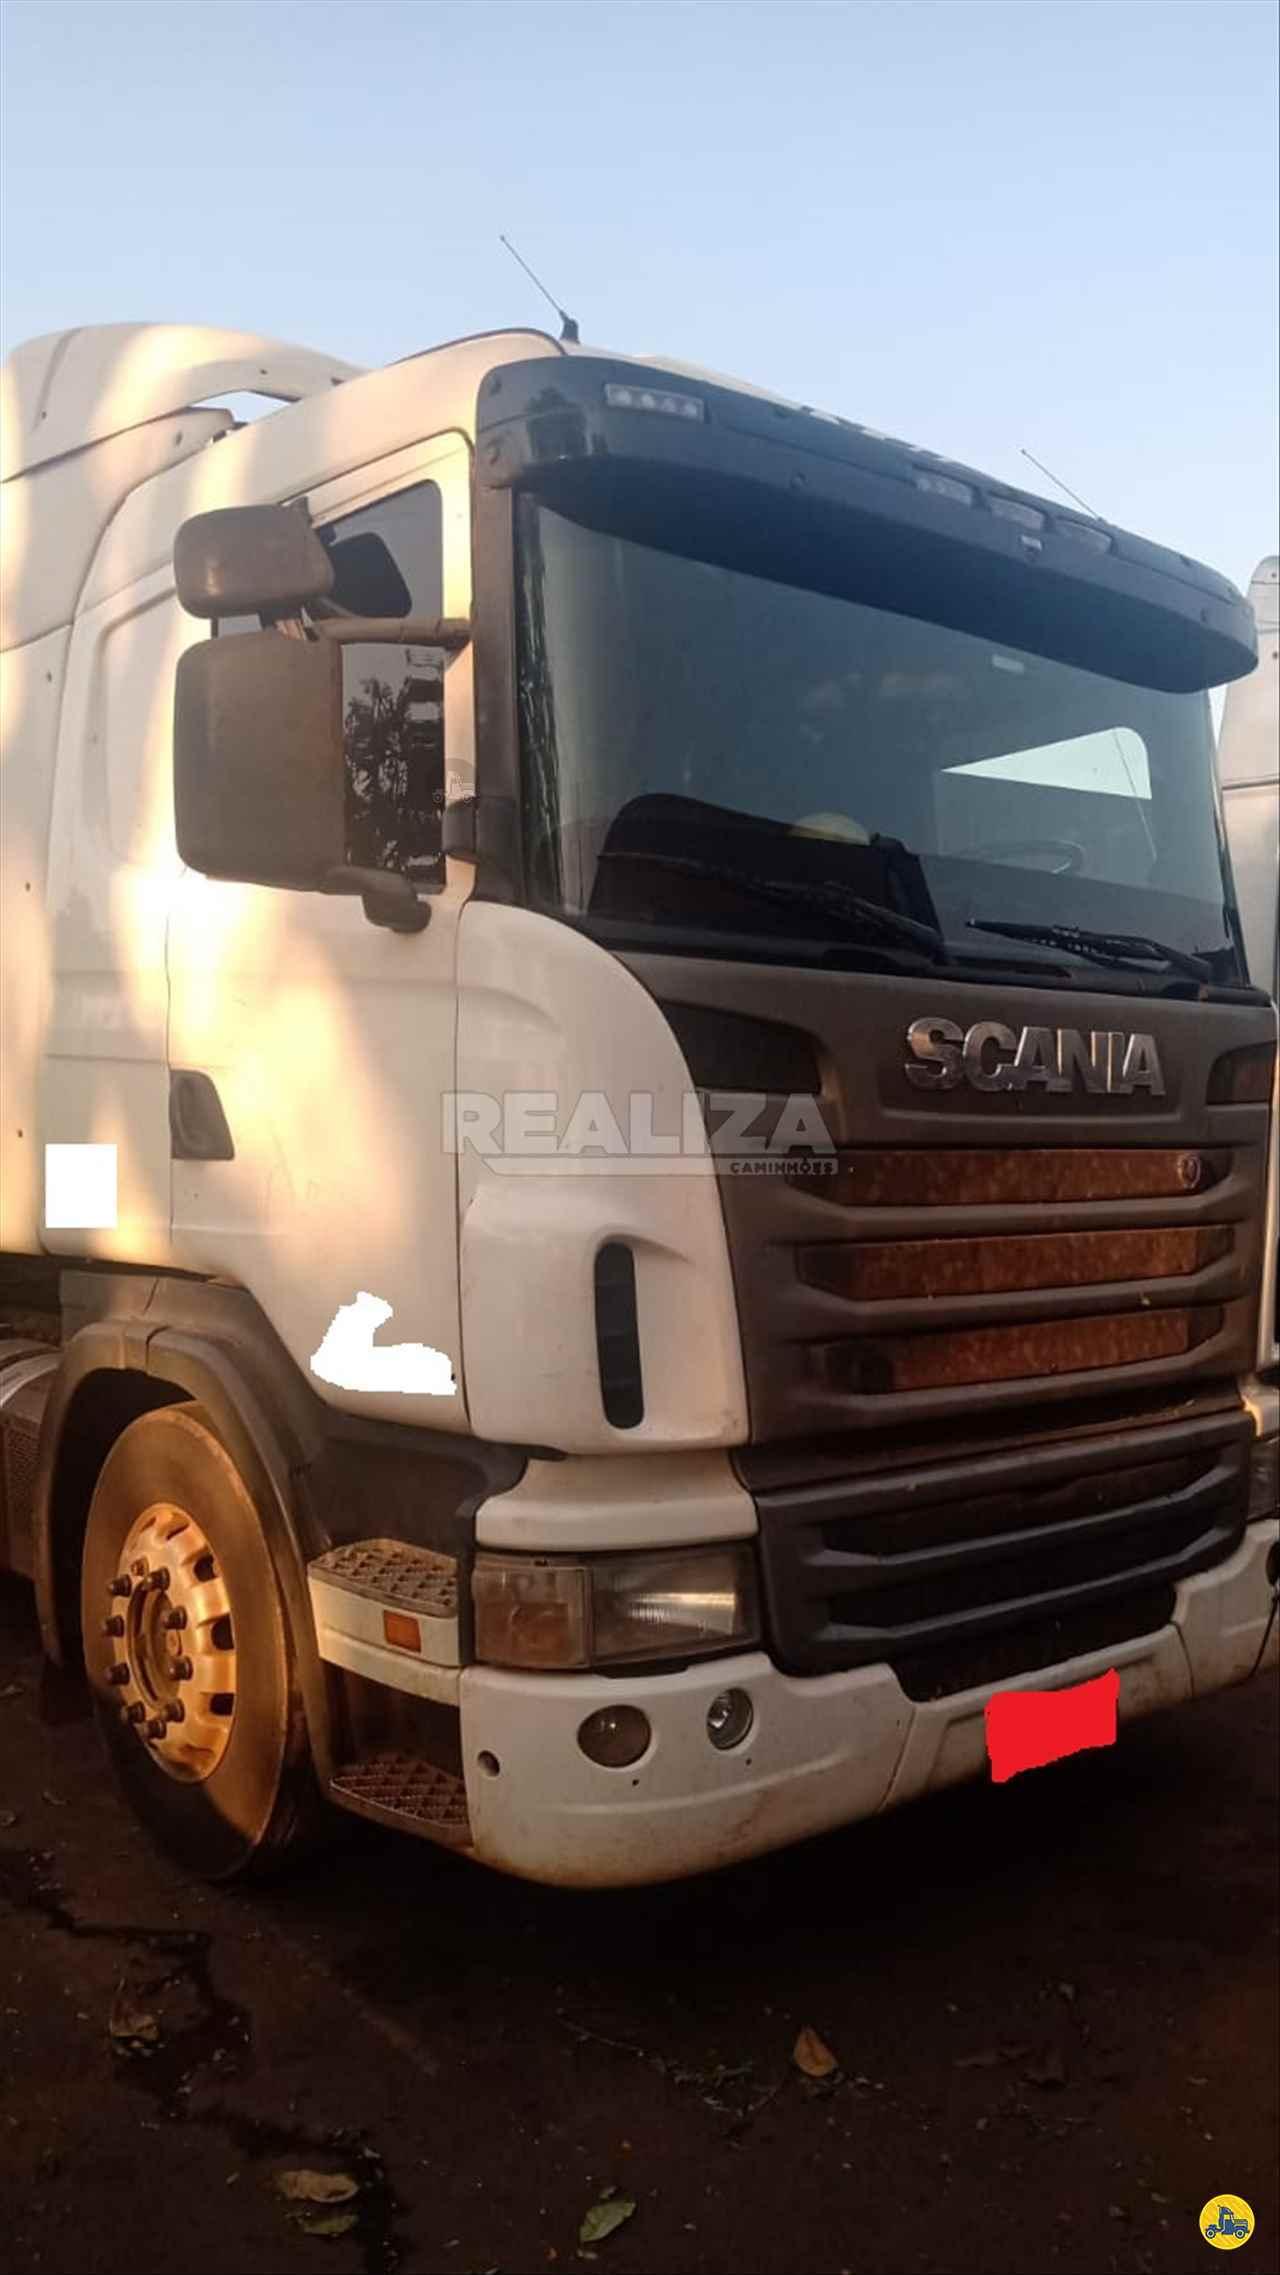 CAMINHAO SCANIA SCANIA 380 Cavalo Mecânico Truck 6x2 Realiza Caminhões - Umuarama UMUARAMA PARANÁ PR